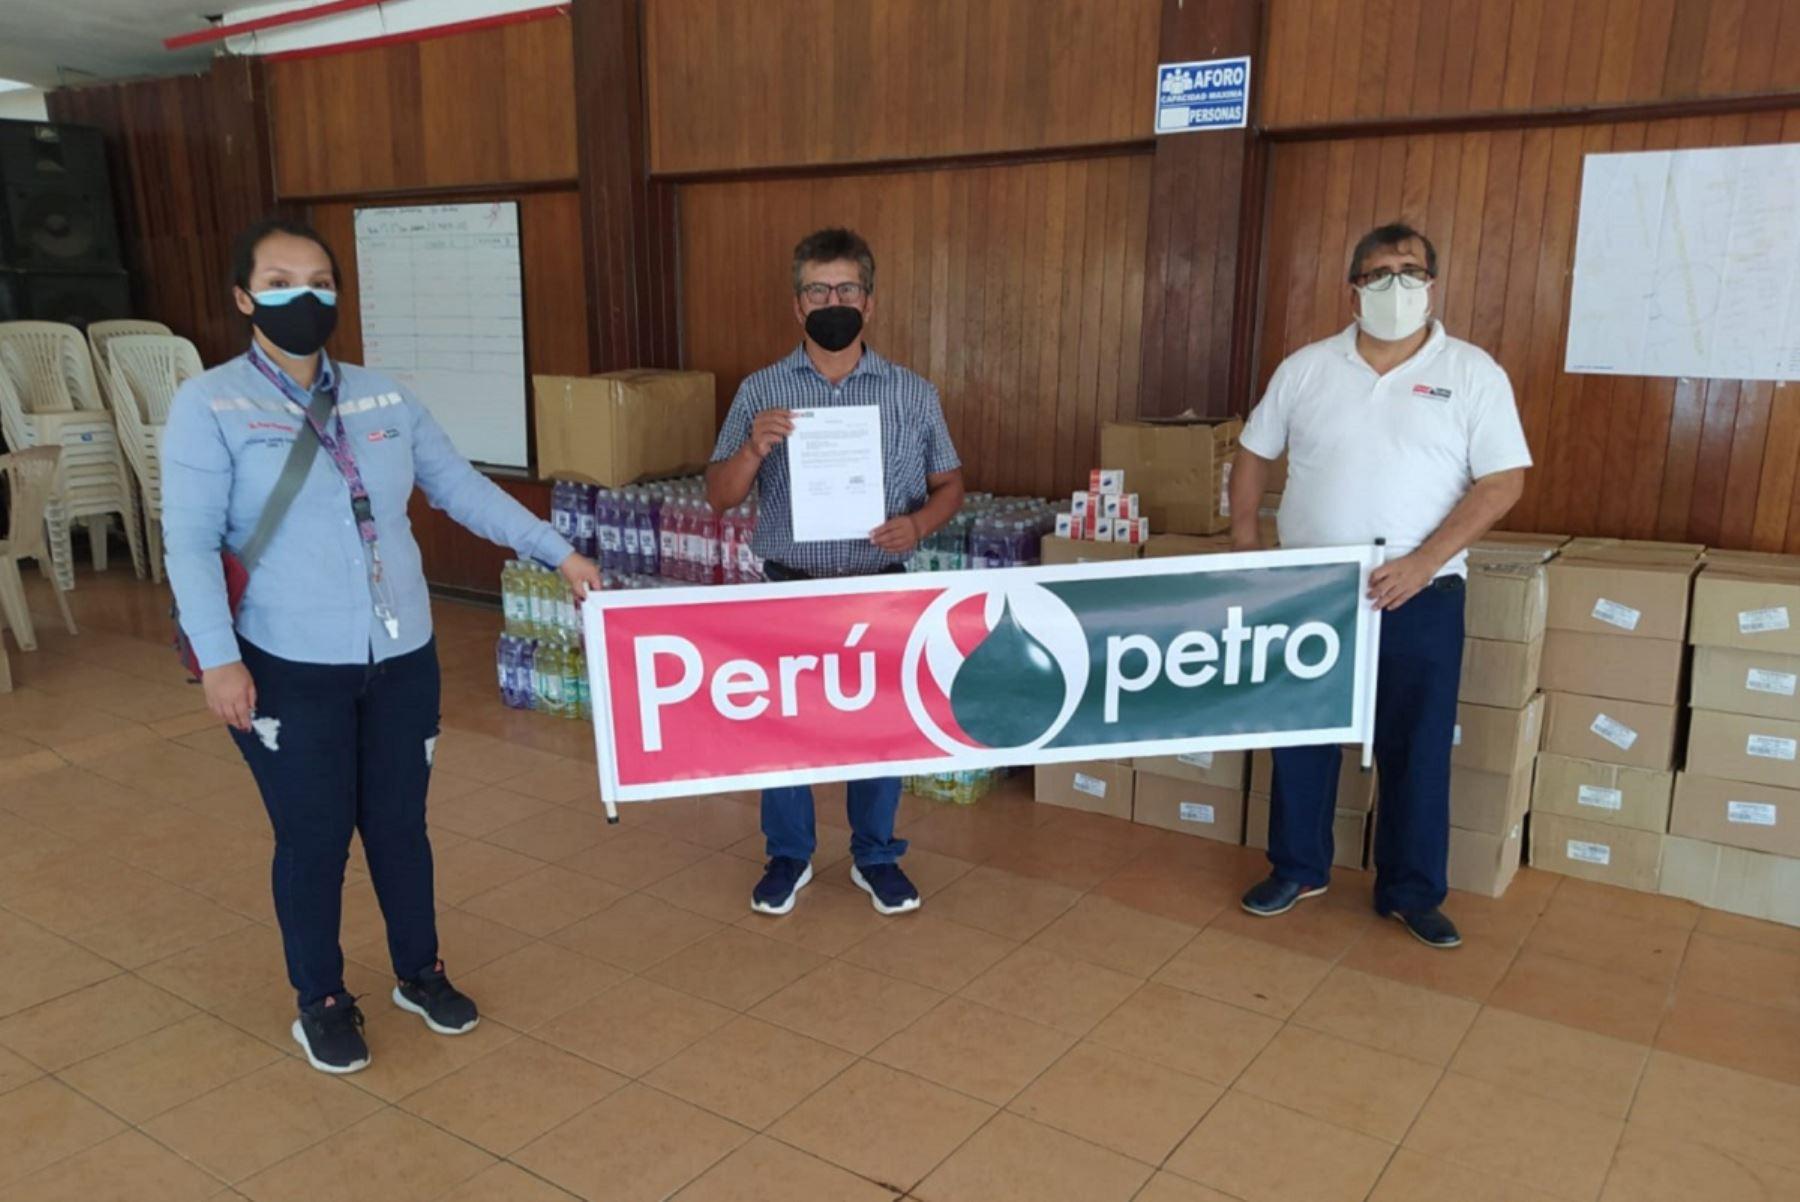 Donación de kits sanitarios. Foto: Cortesía.